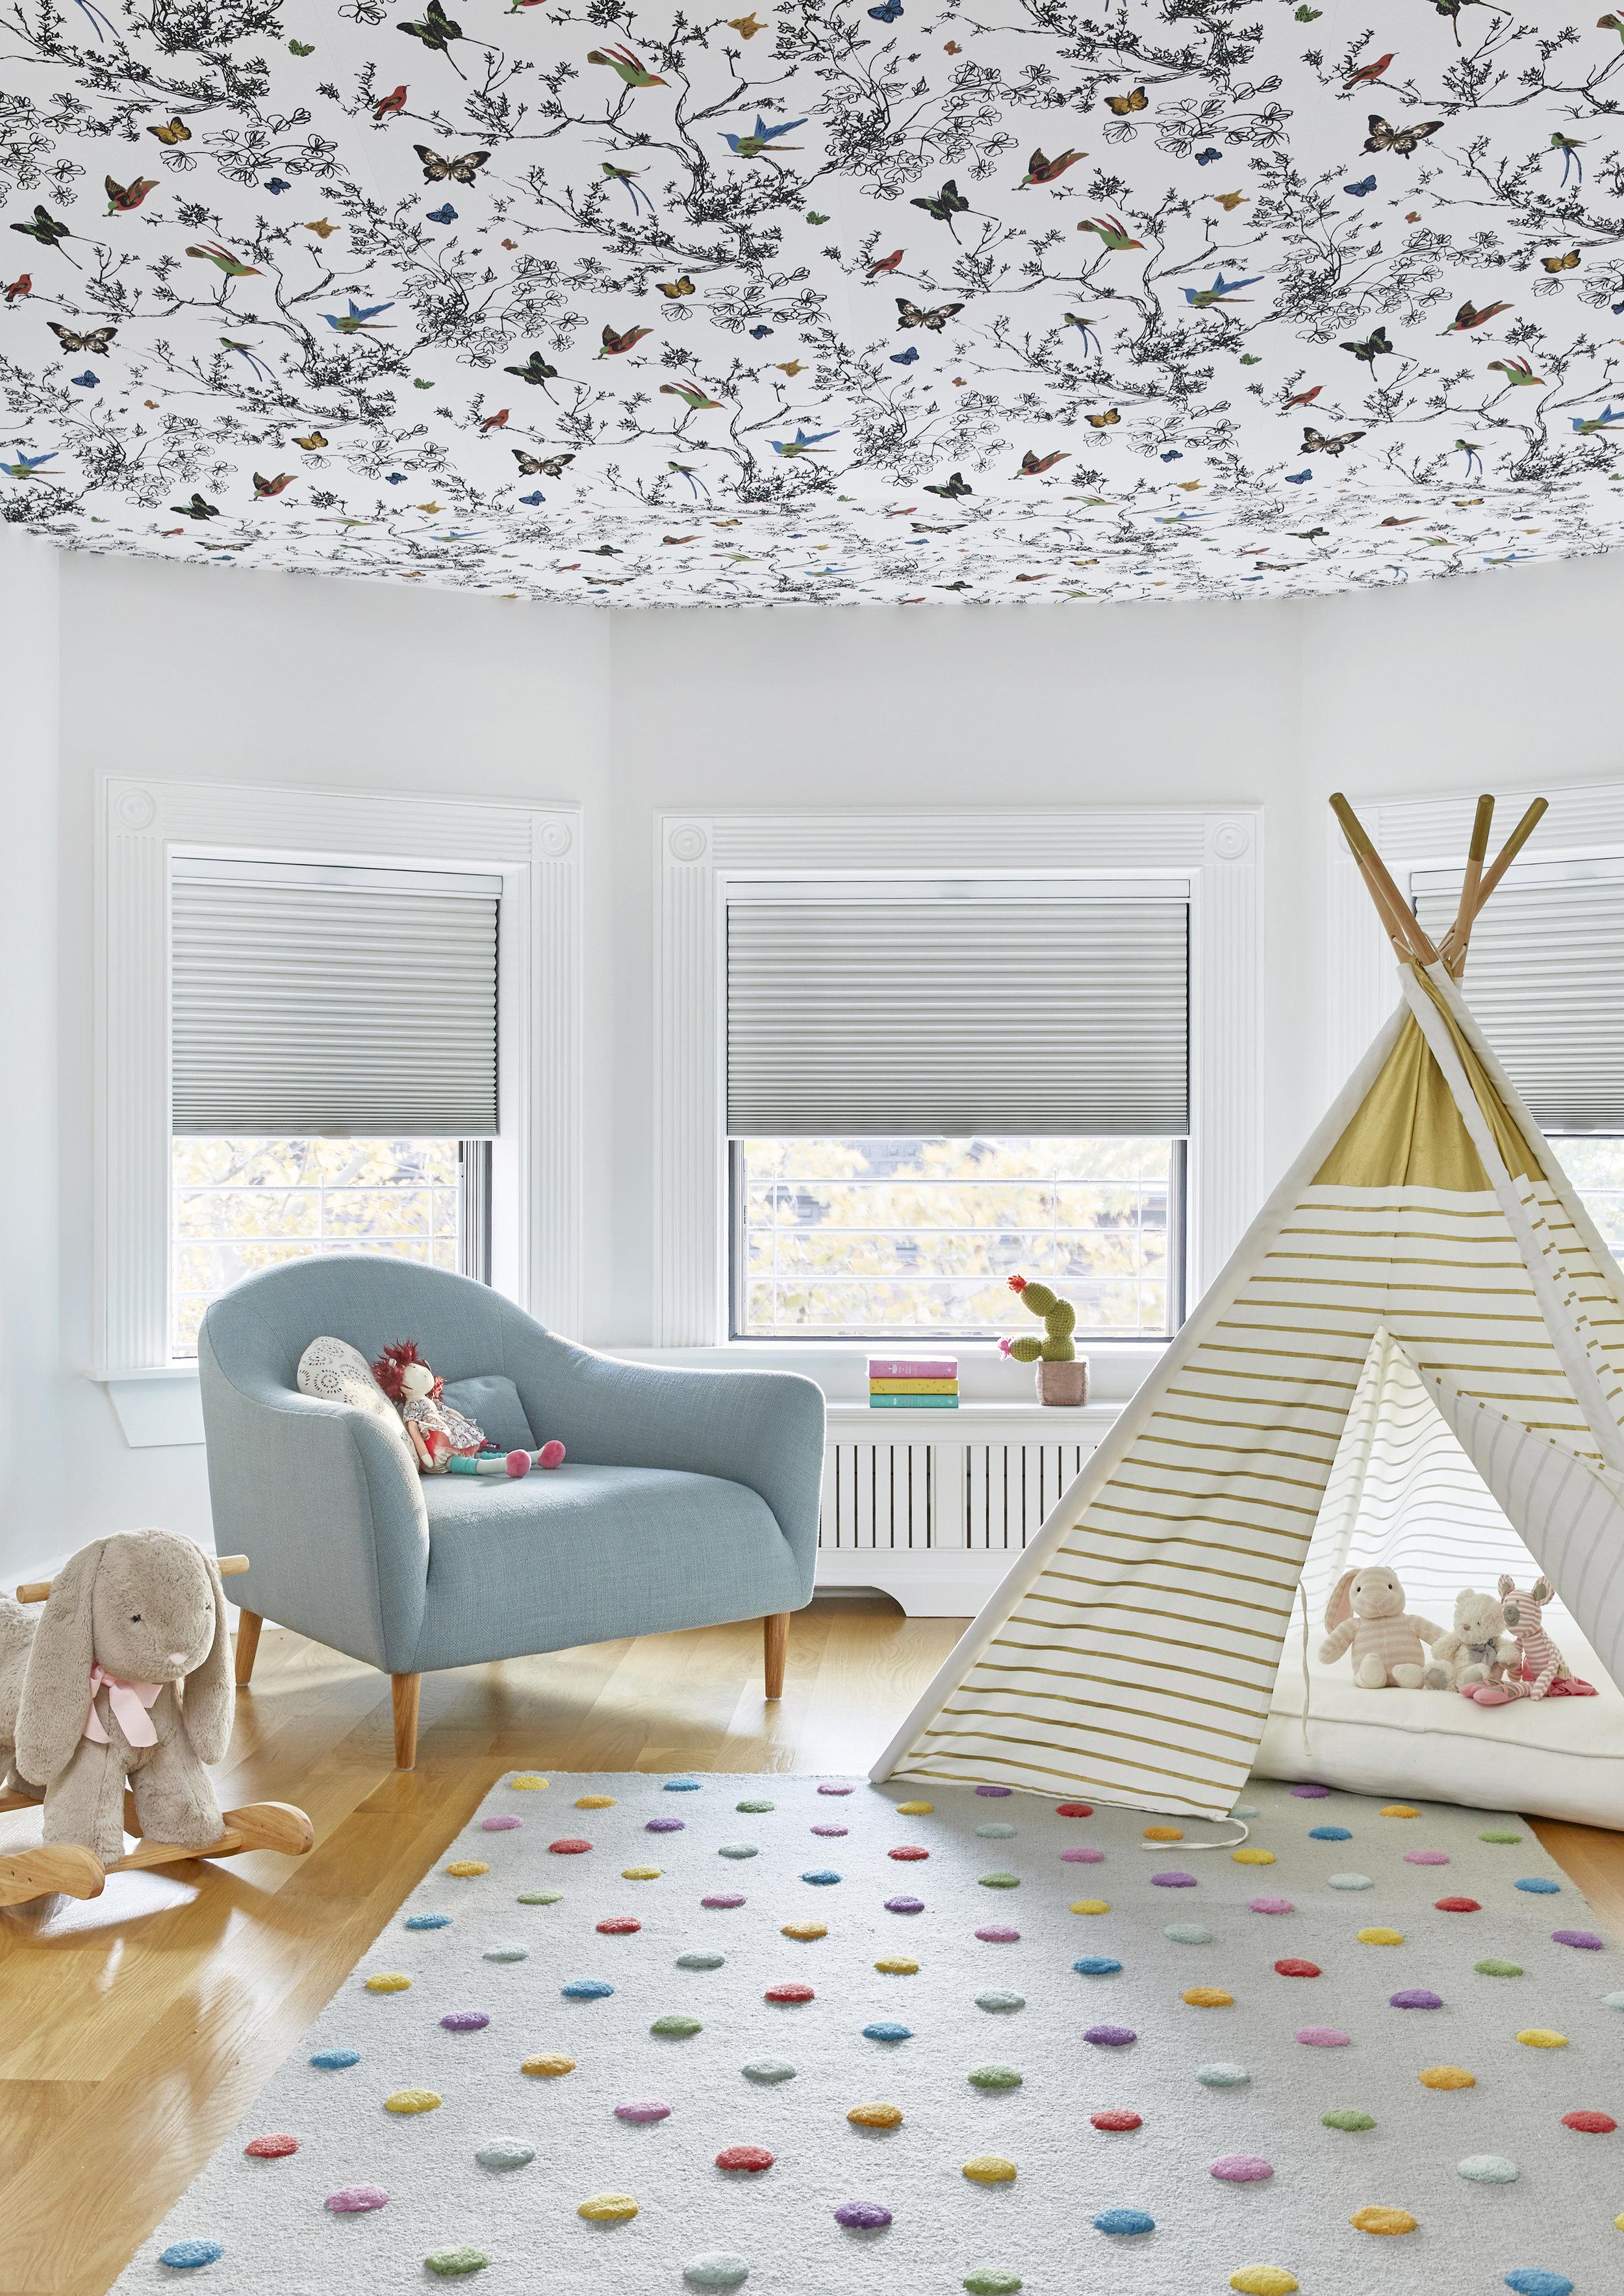 Girls-Room-Butterfly-Ceiling-Park-Slope-Jmorris-Design.jpg